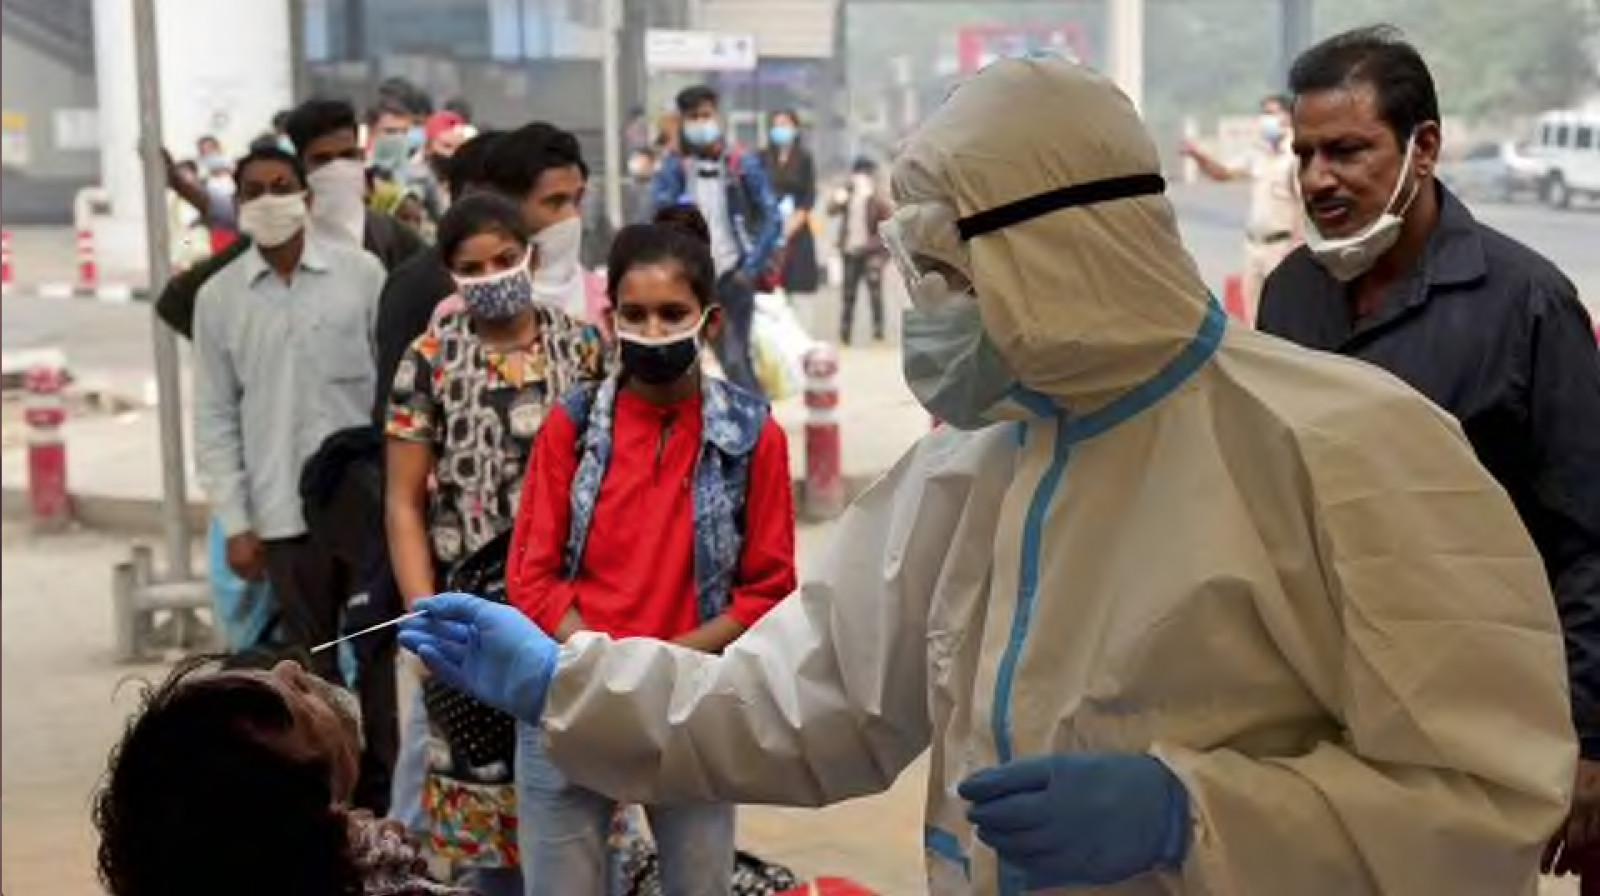 新德里的一处核酸检测点(图片来源:《印度斯坦报》)